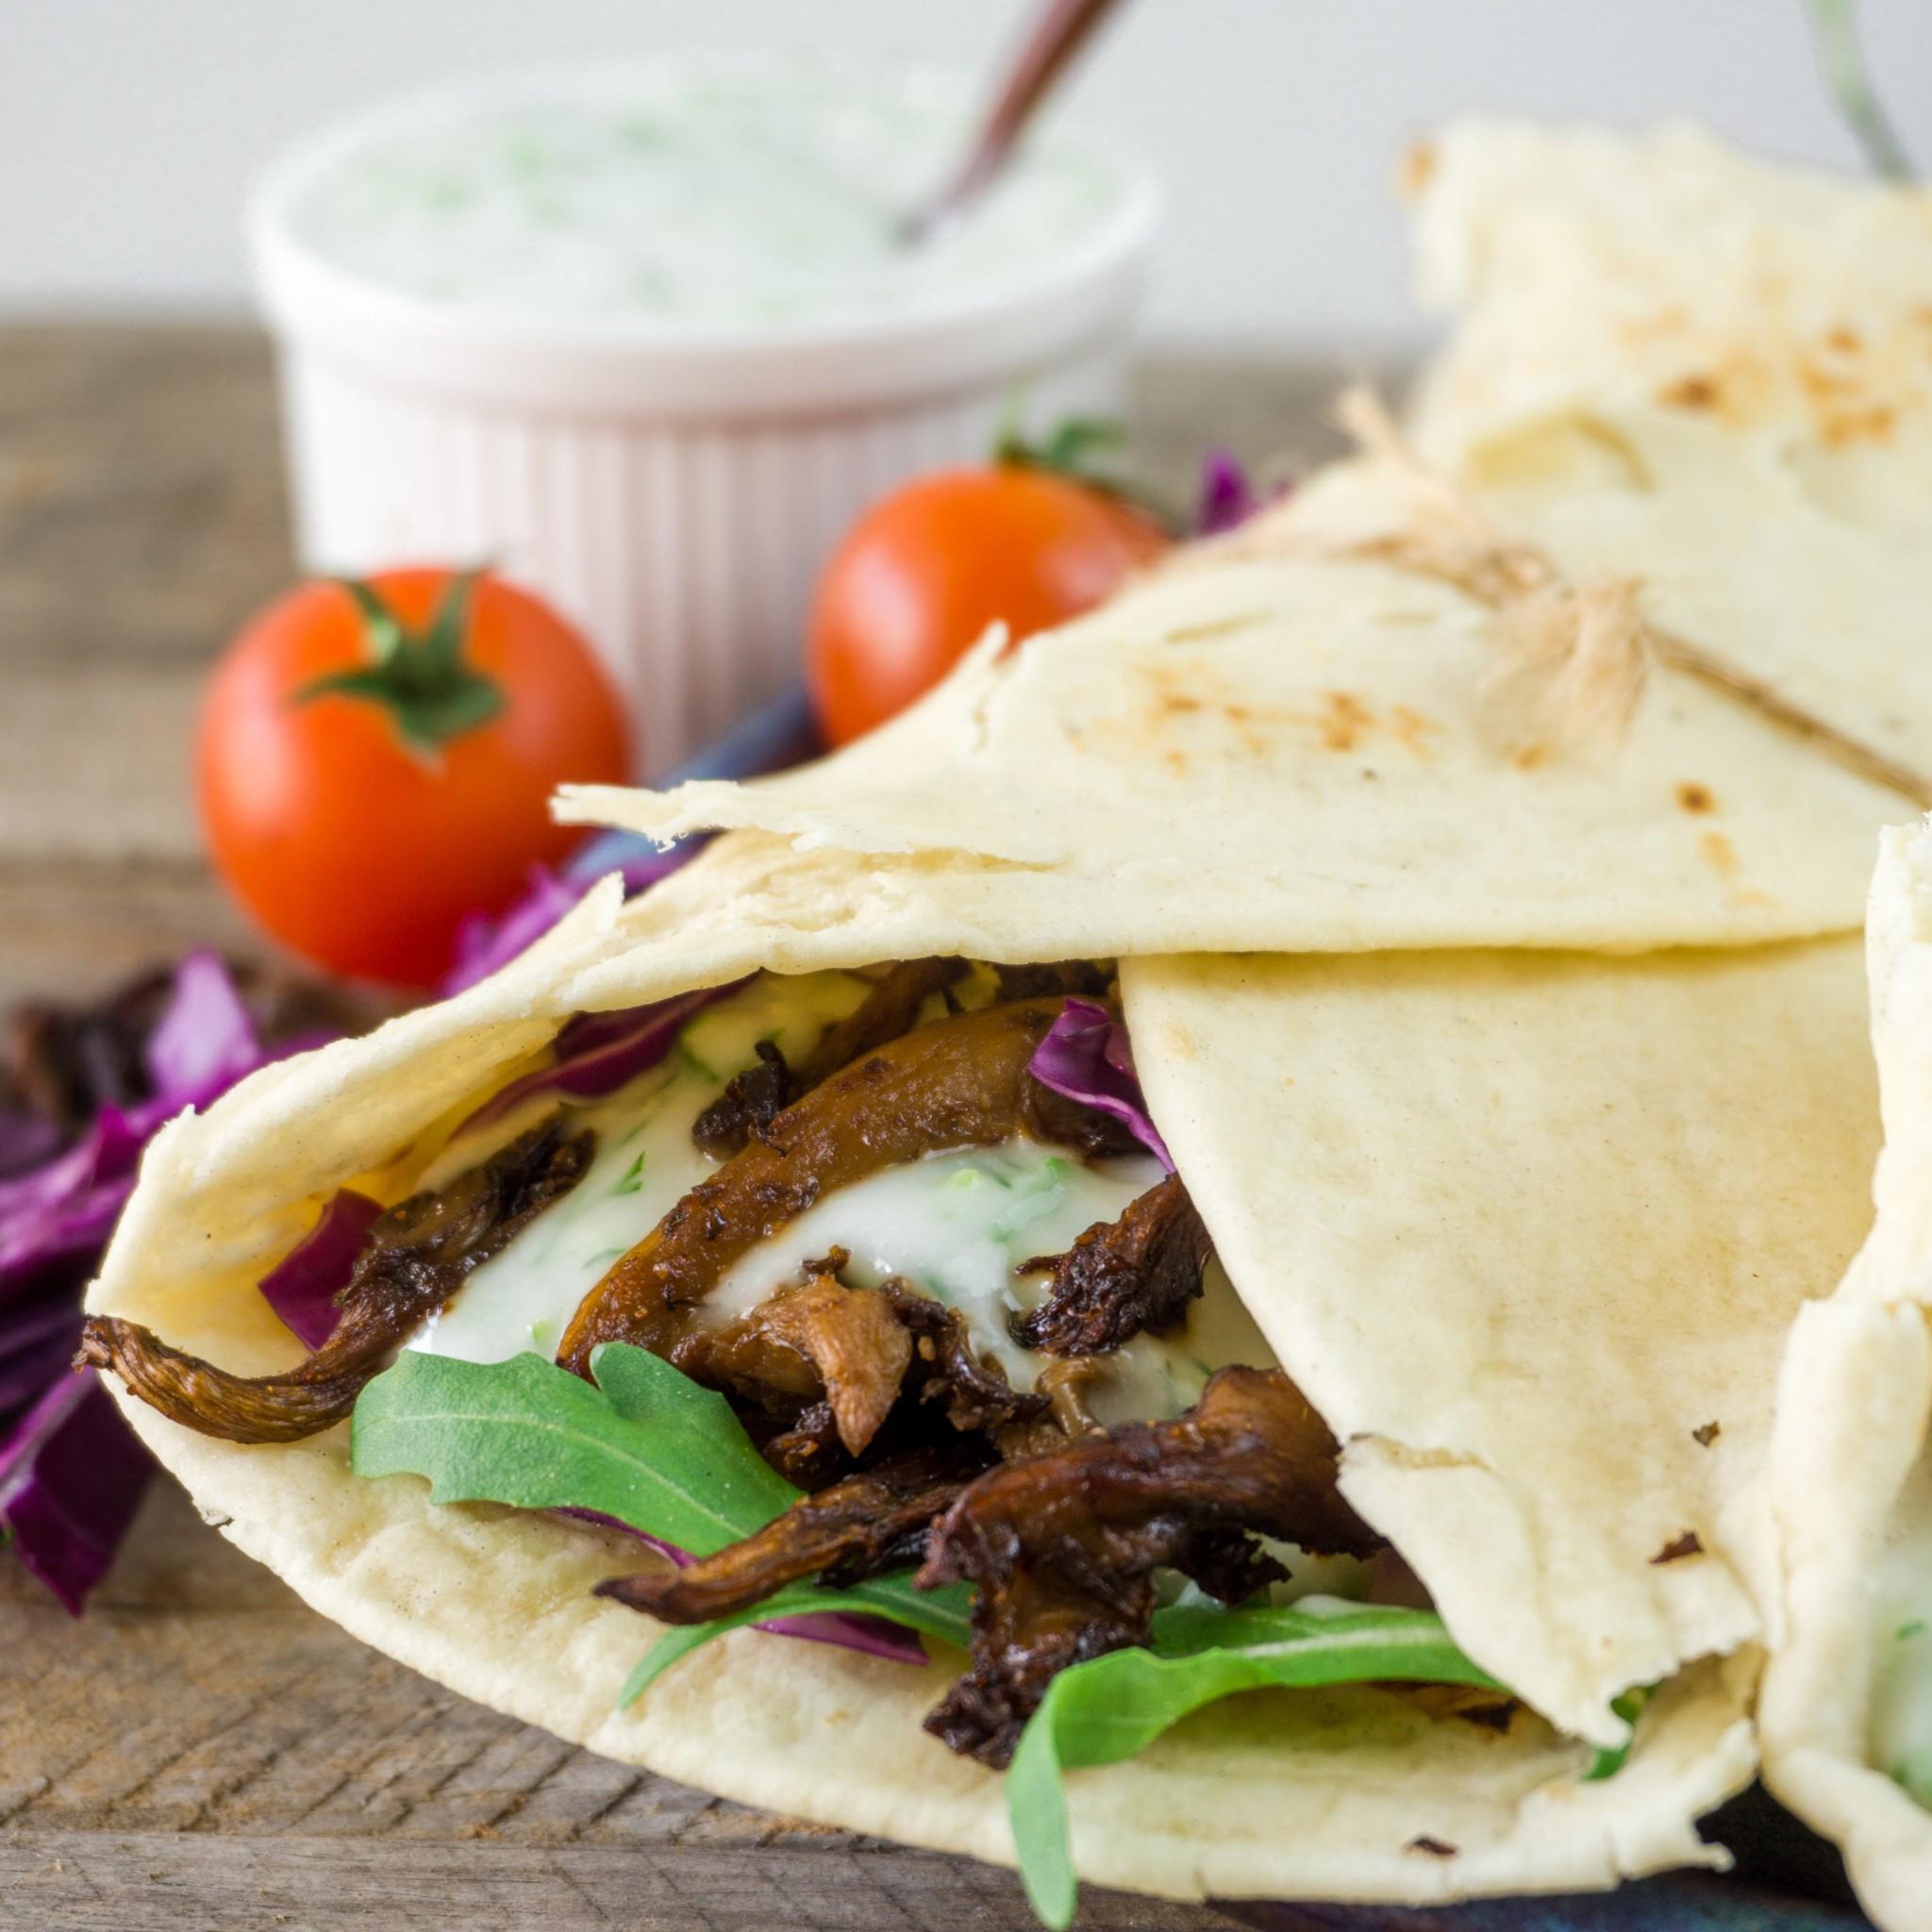 Vegan Mushroom Shawarma The Tasty K